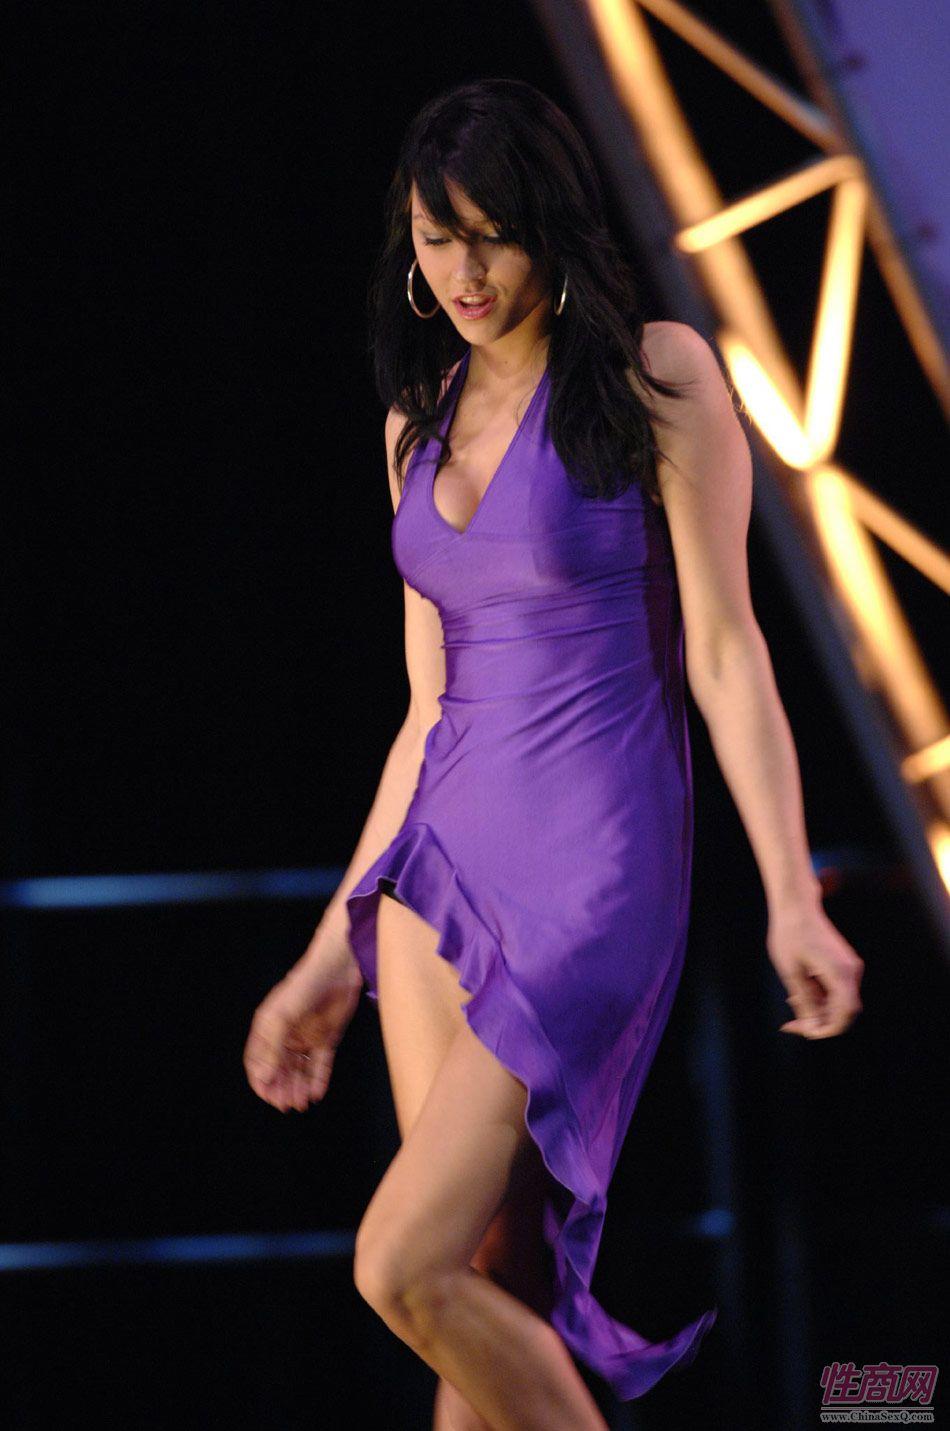 2006澳大利亚墨尔本成人展sexpo情趣内衣秀图片1